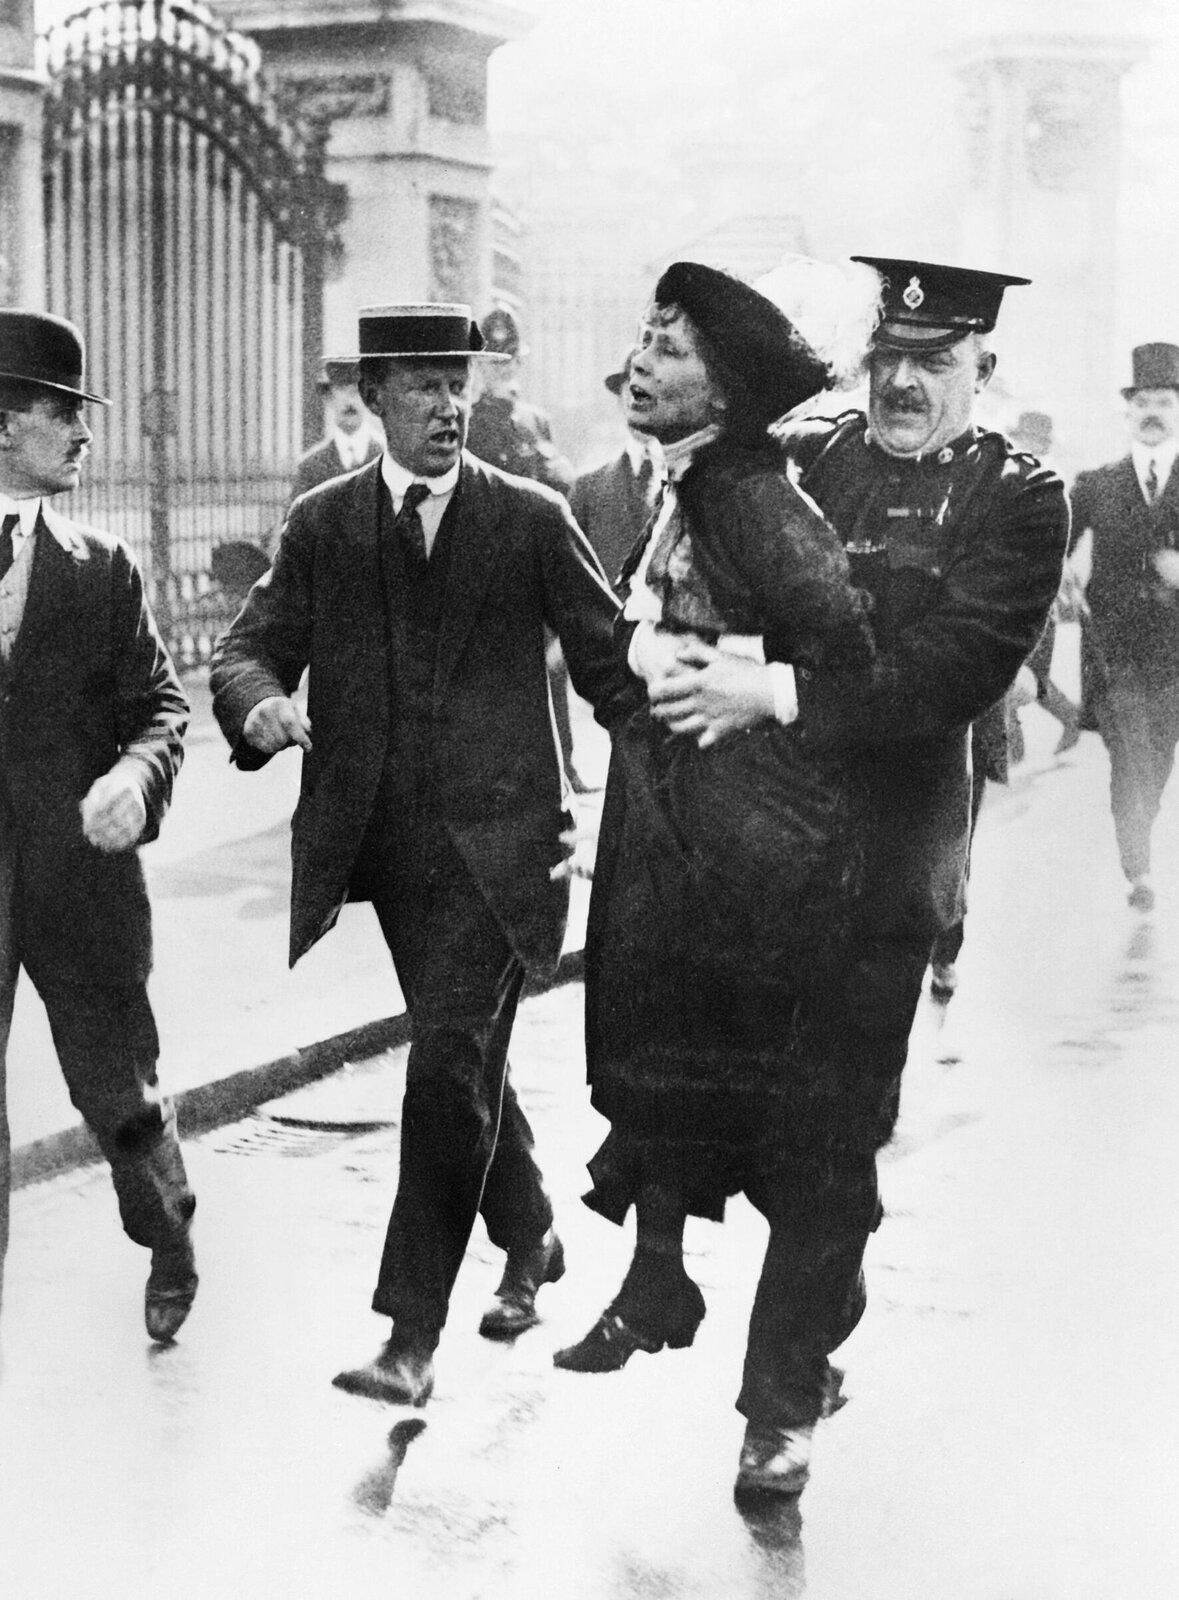 Aresztowanie Emmeline Pankhurst Źródło: Aresztowanie Emmeline Pankhurst, 1914, domena publiczna.